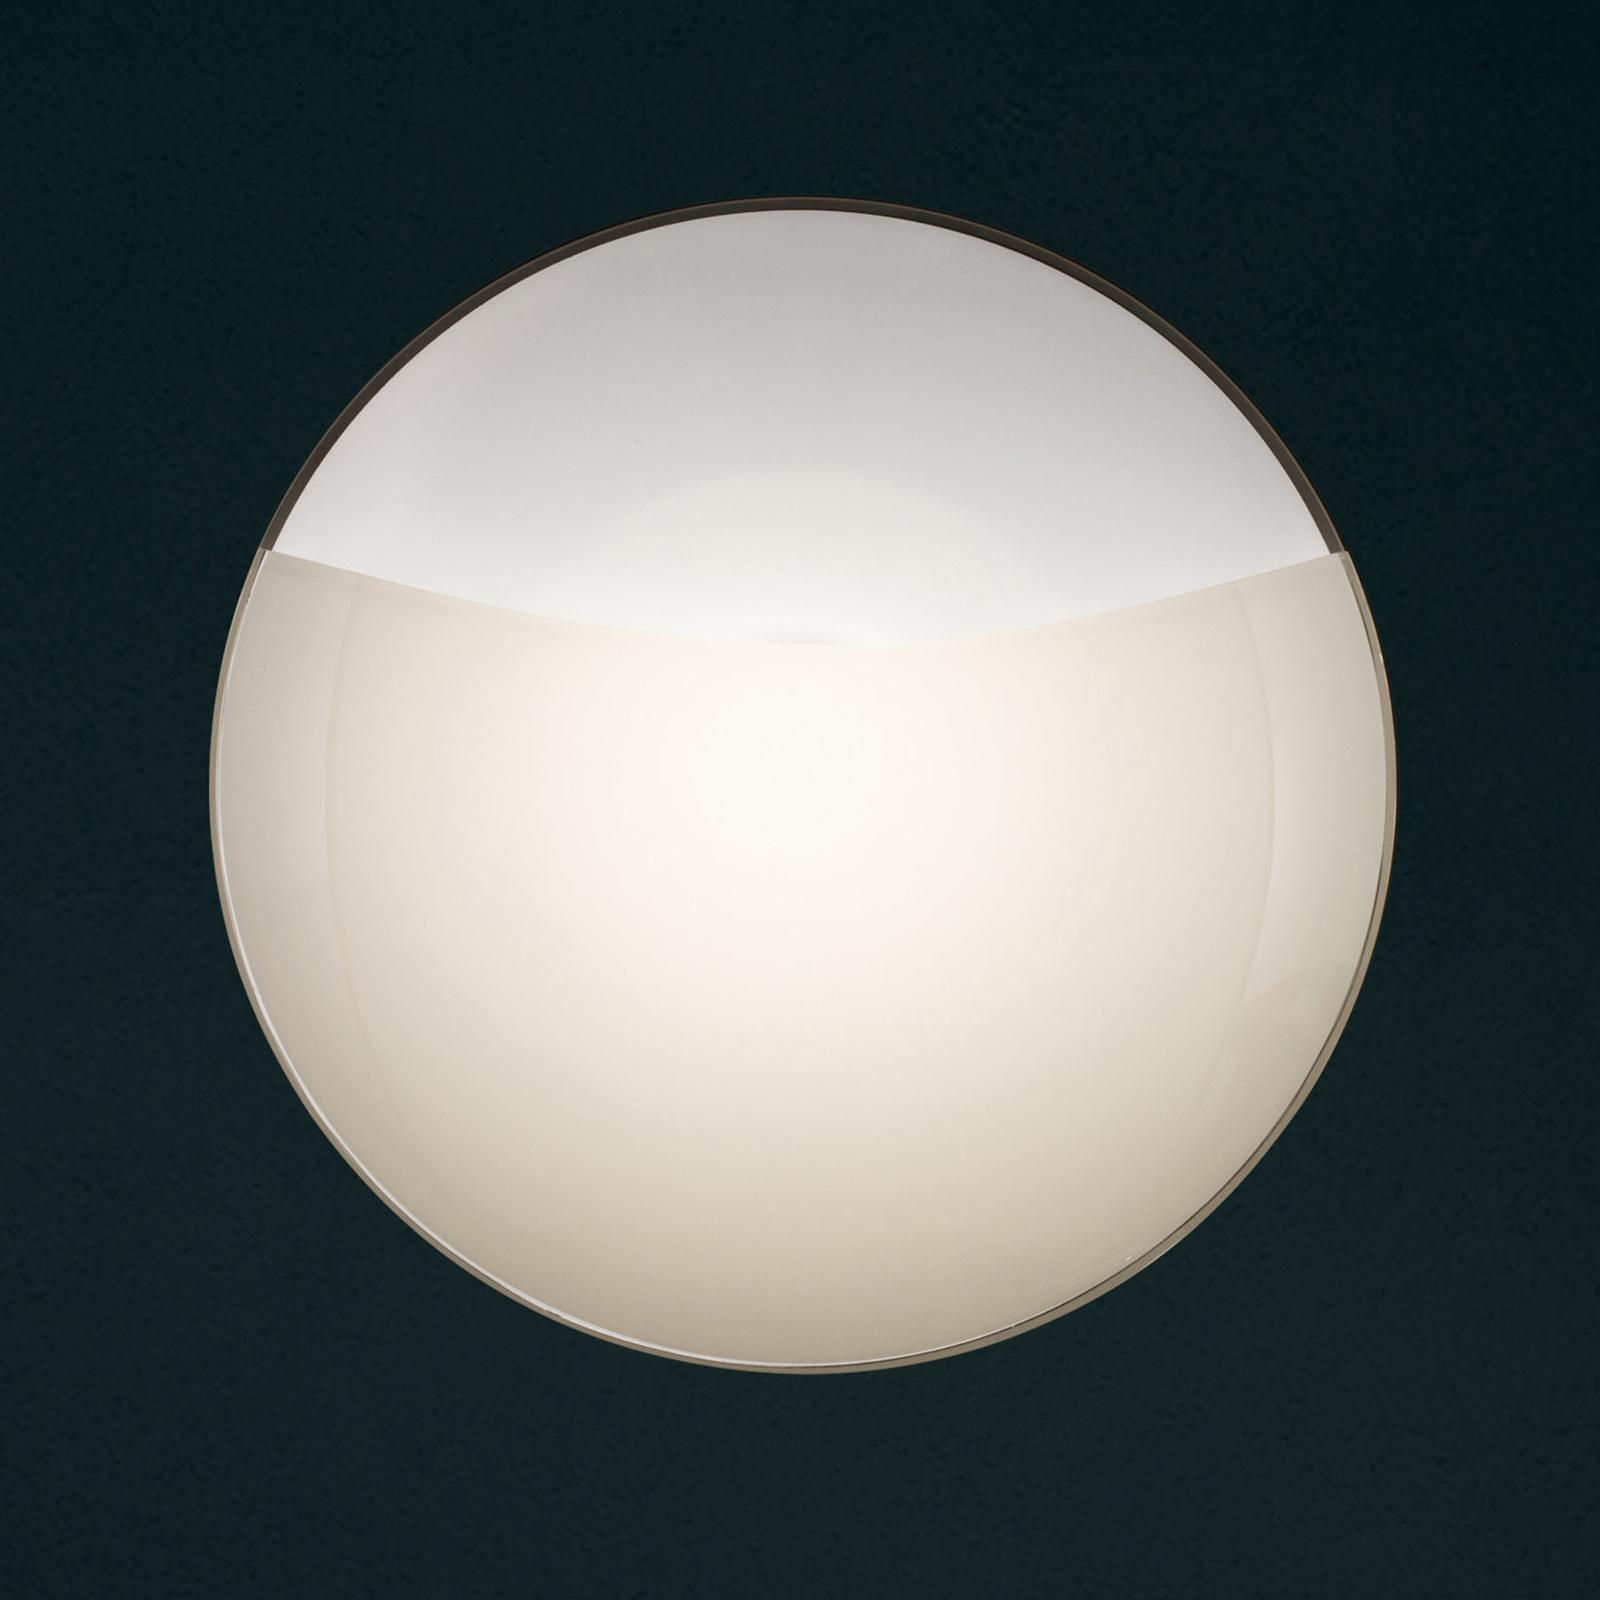 Wandleuchte 1650/A15, weiß matt, Glasabdeckung